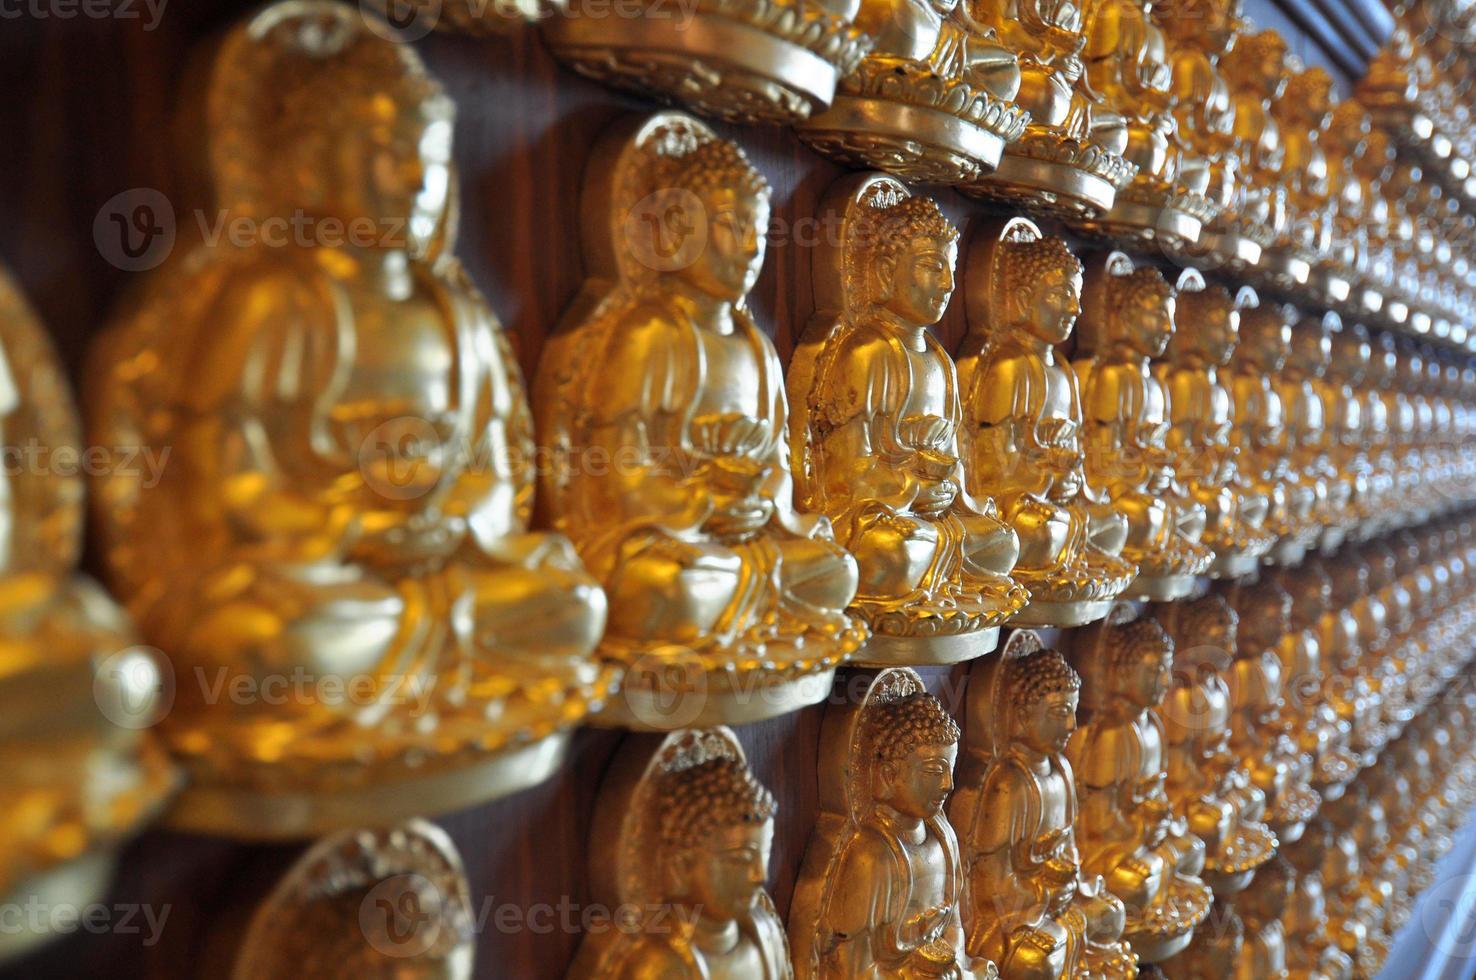 miljoen gouden Boeddhabeeld in Chinese tempel Nonthaburi foto